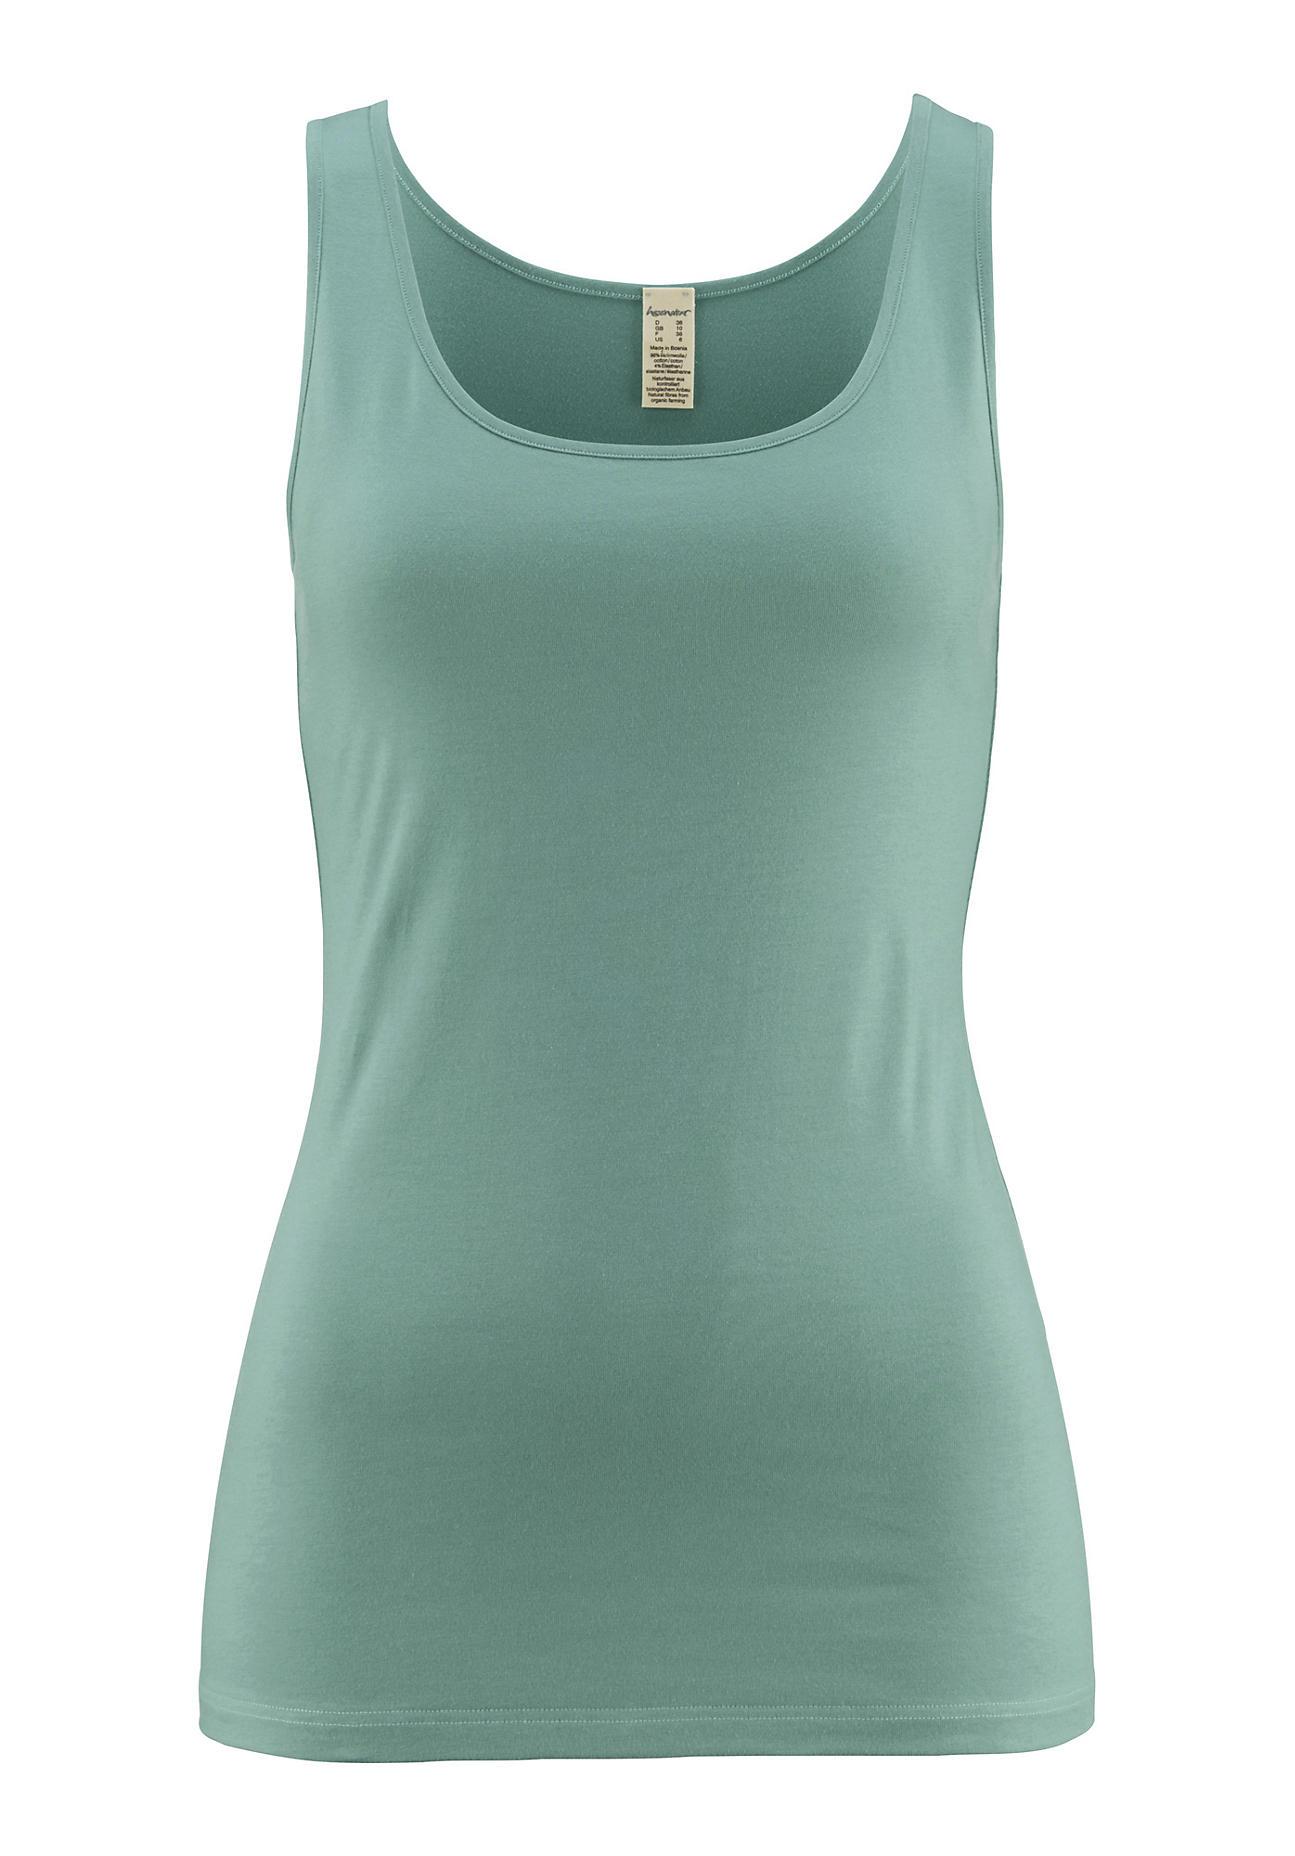 hessnatur Damen Achselhemd PureLUX aus Bio Baumwolle – grün – Größe 38